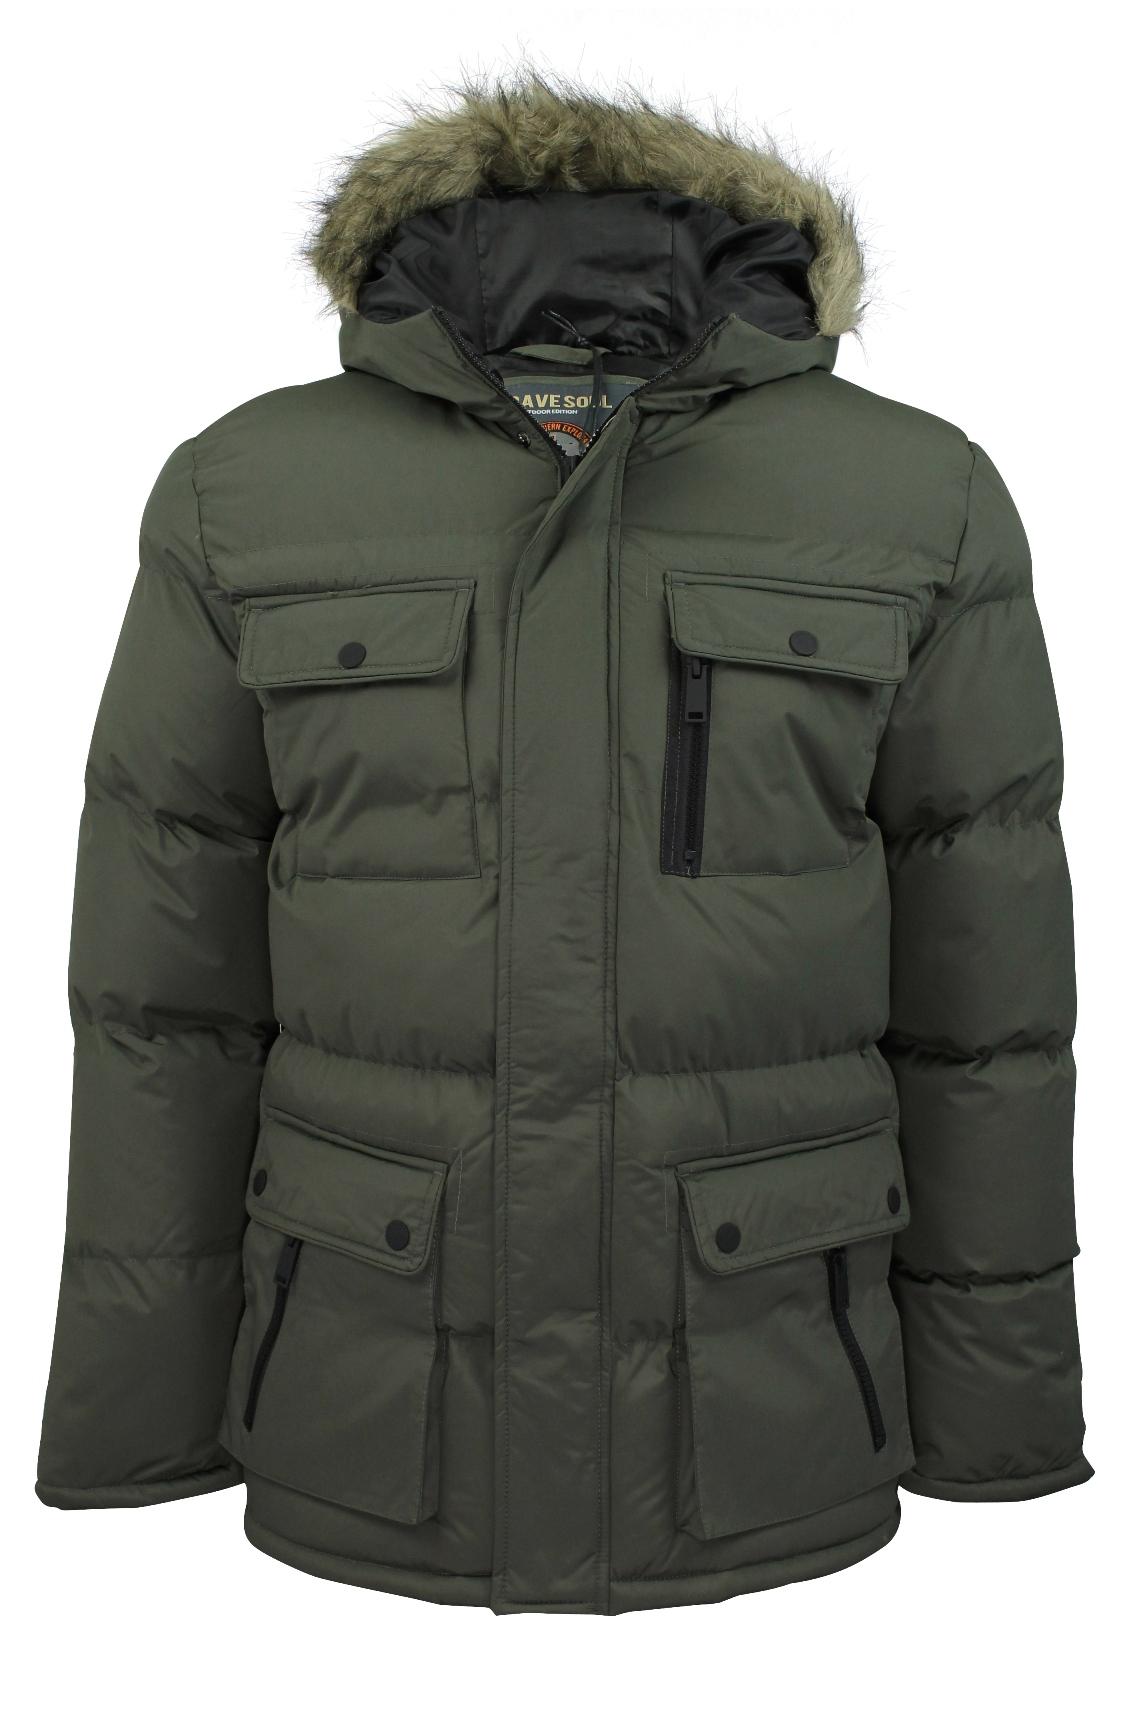 mens winter parka jackets coats by brave soul everest hooded ebay #2: mjk everest pka khaki 01